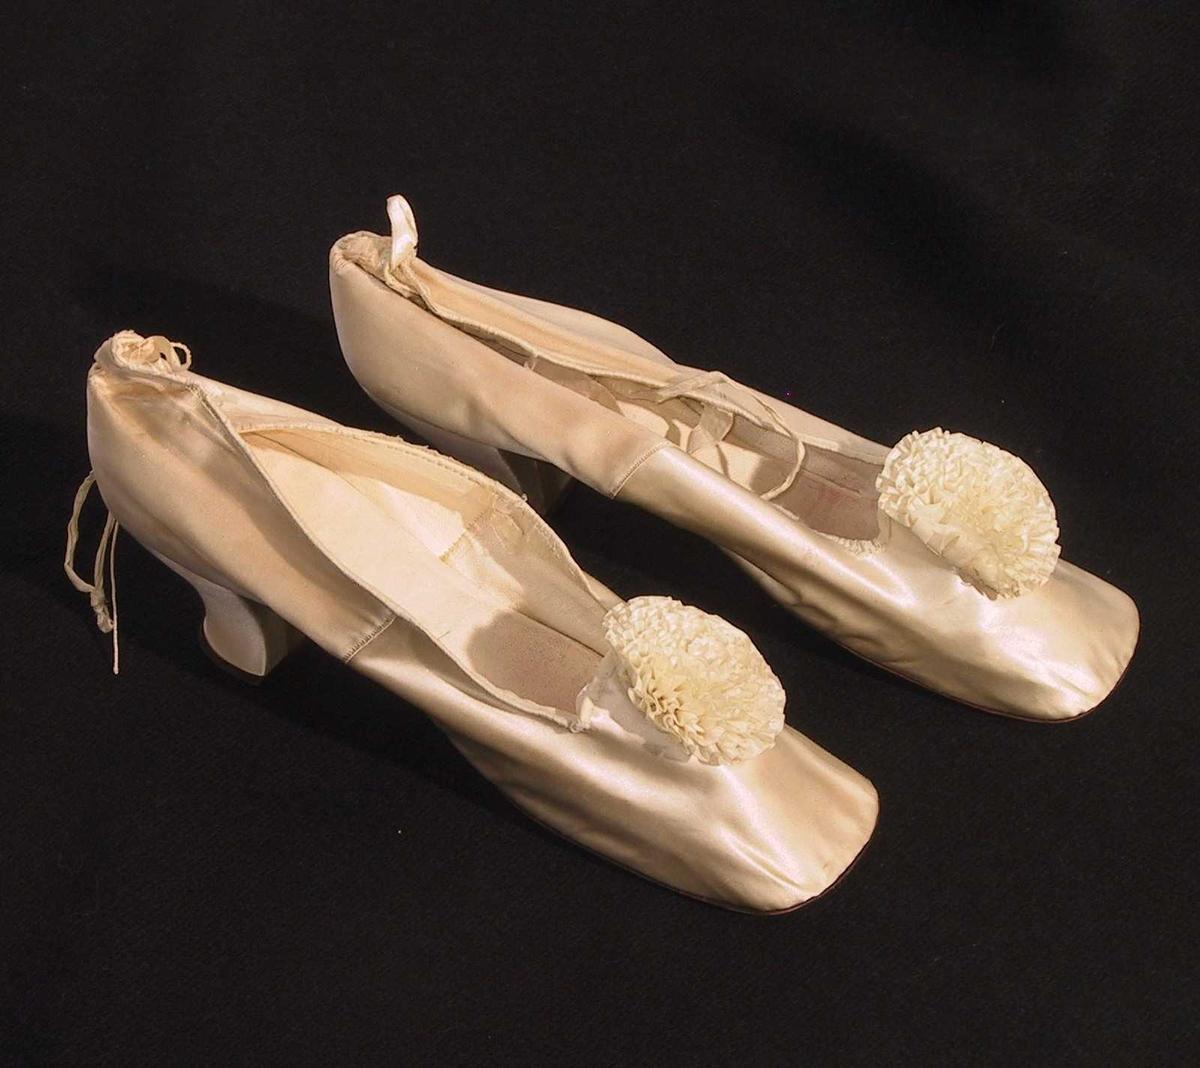 Form: Litt inntrukket hæl, dyp åpning med nesten firkantet avslutning foran. Liten hempe bak. Silkesnor for knyting ved vrista på ene siden på den ene skoen, merke etter bånd også på den andre siden og på den andre skoen. Blomst av silkebånd påsydd foran.